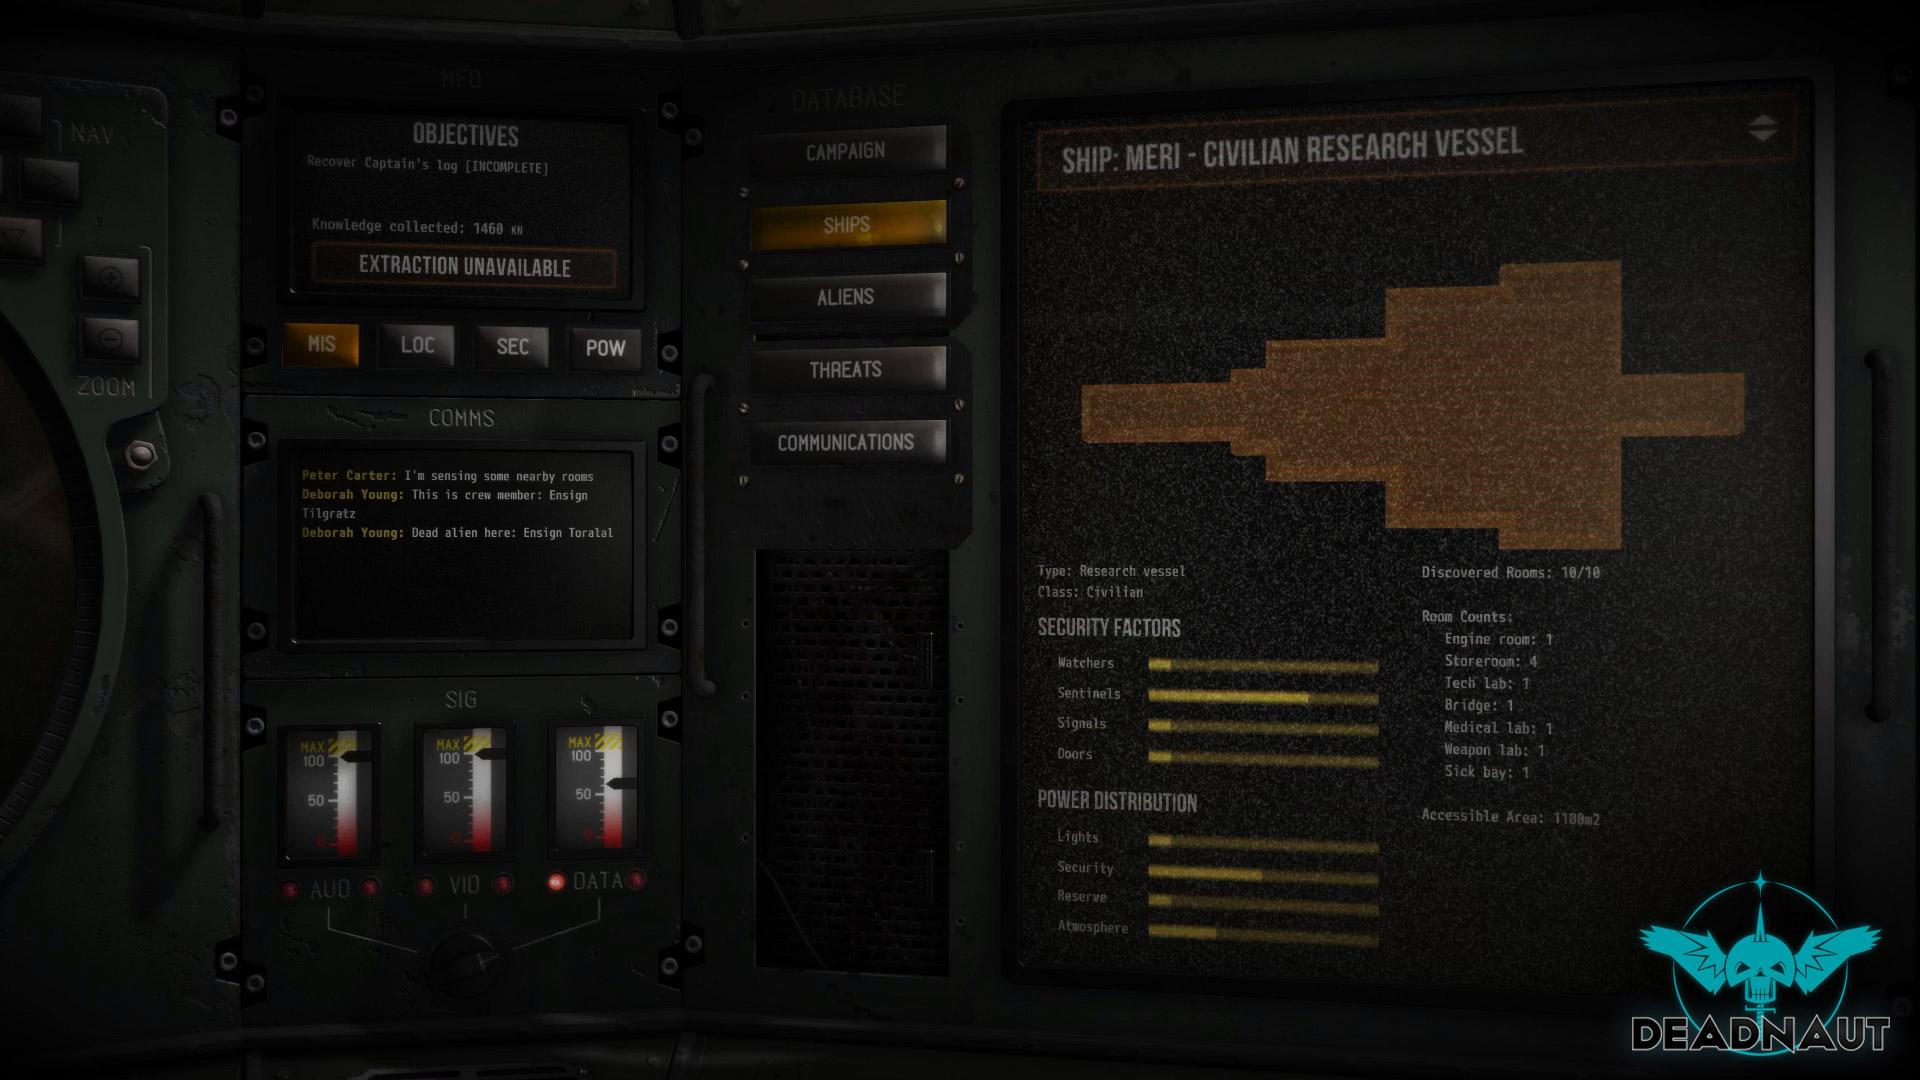 Deadnaut screenshot 3